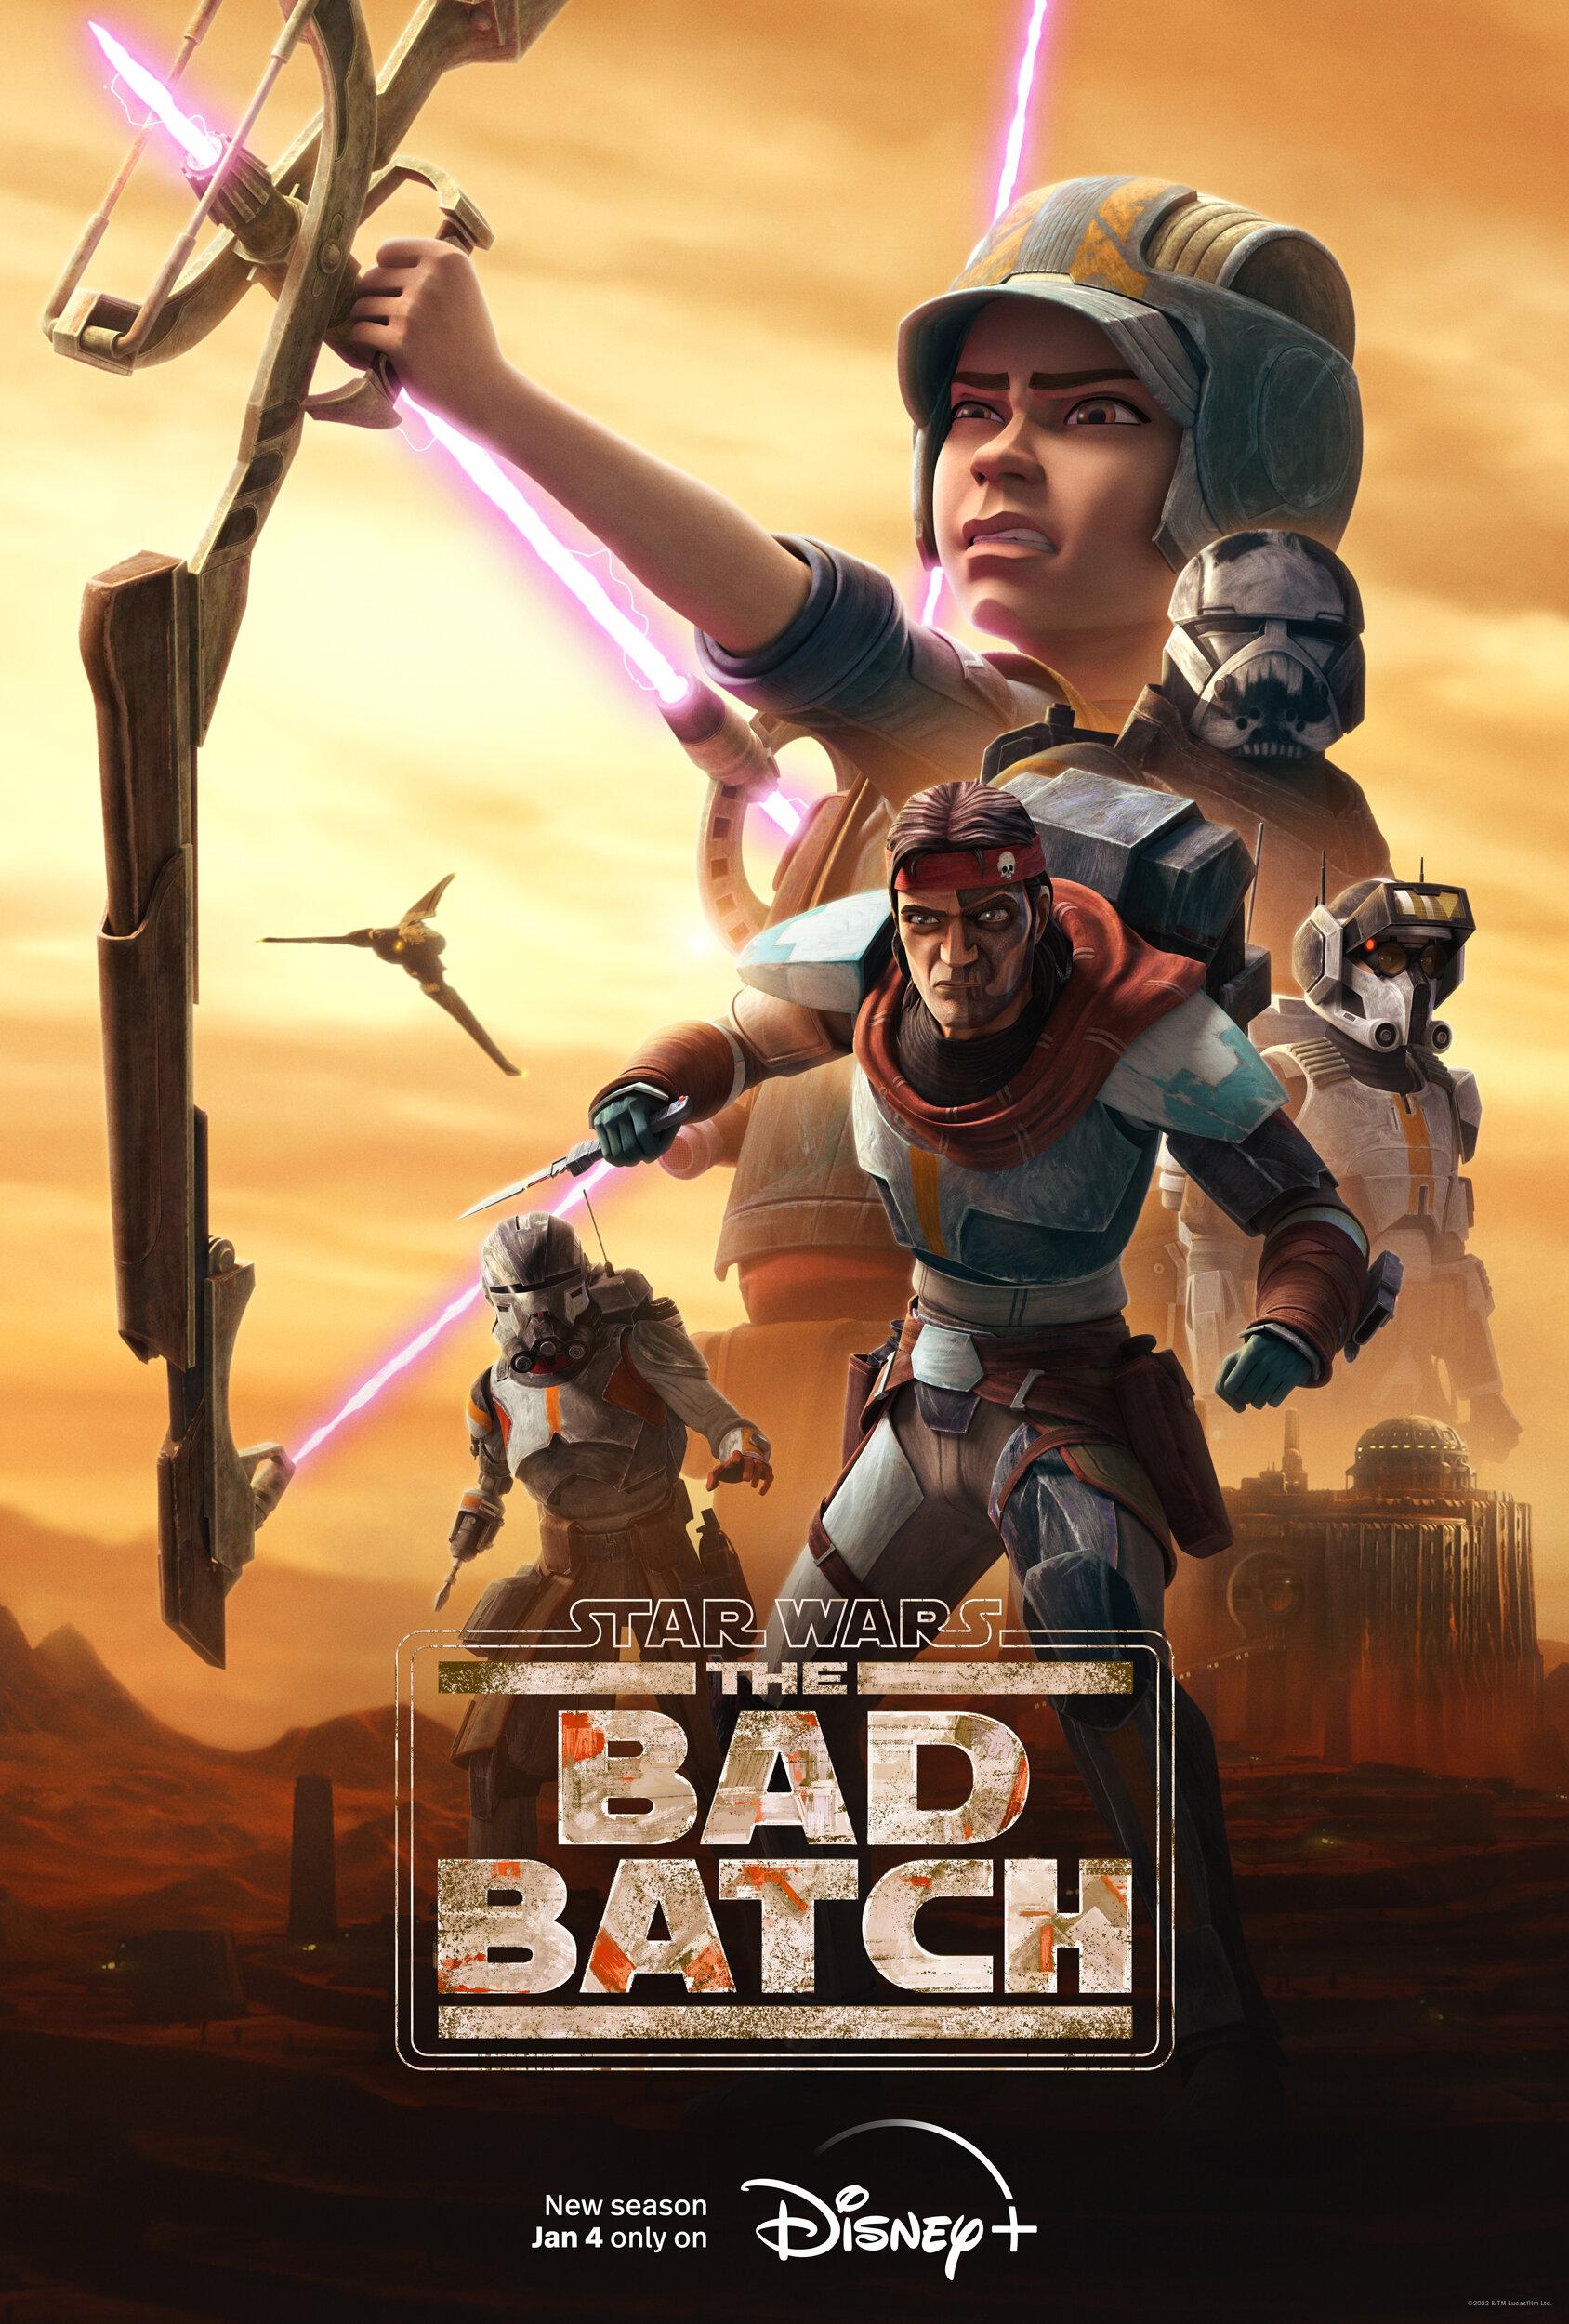 Star Wars: The Bad Batch ne zaman